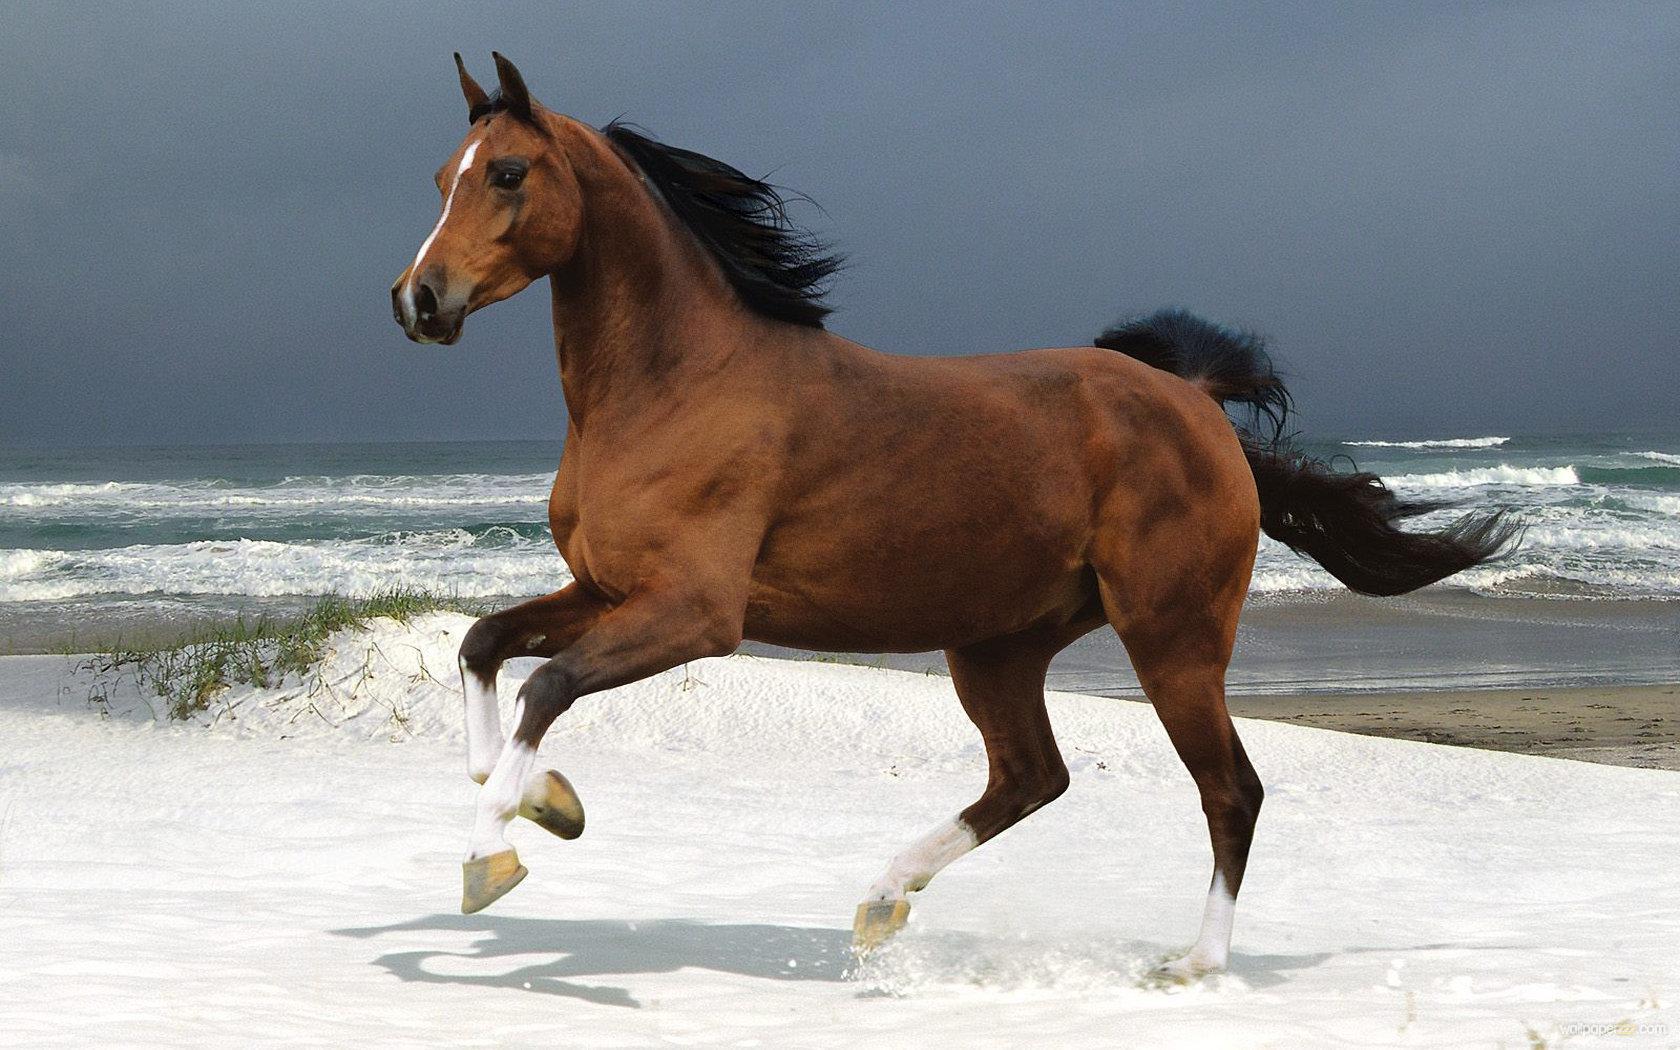 Download Horse On A Beach Widescreen Wallpaper Wallpaper 1680x1050